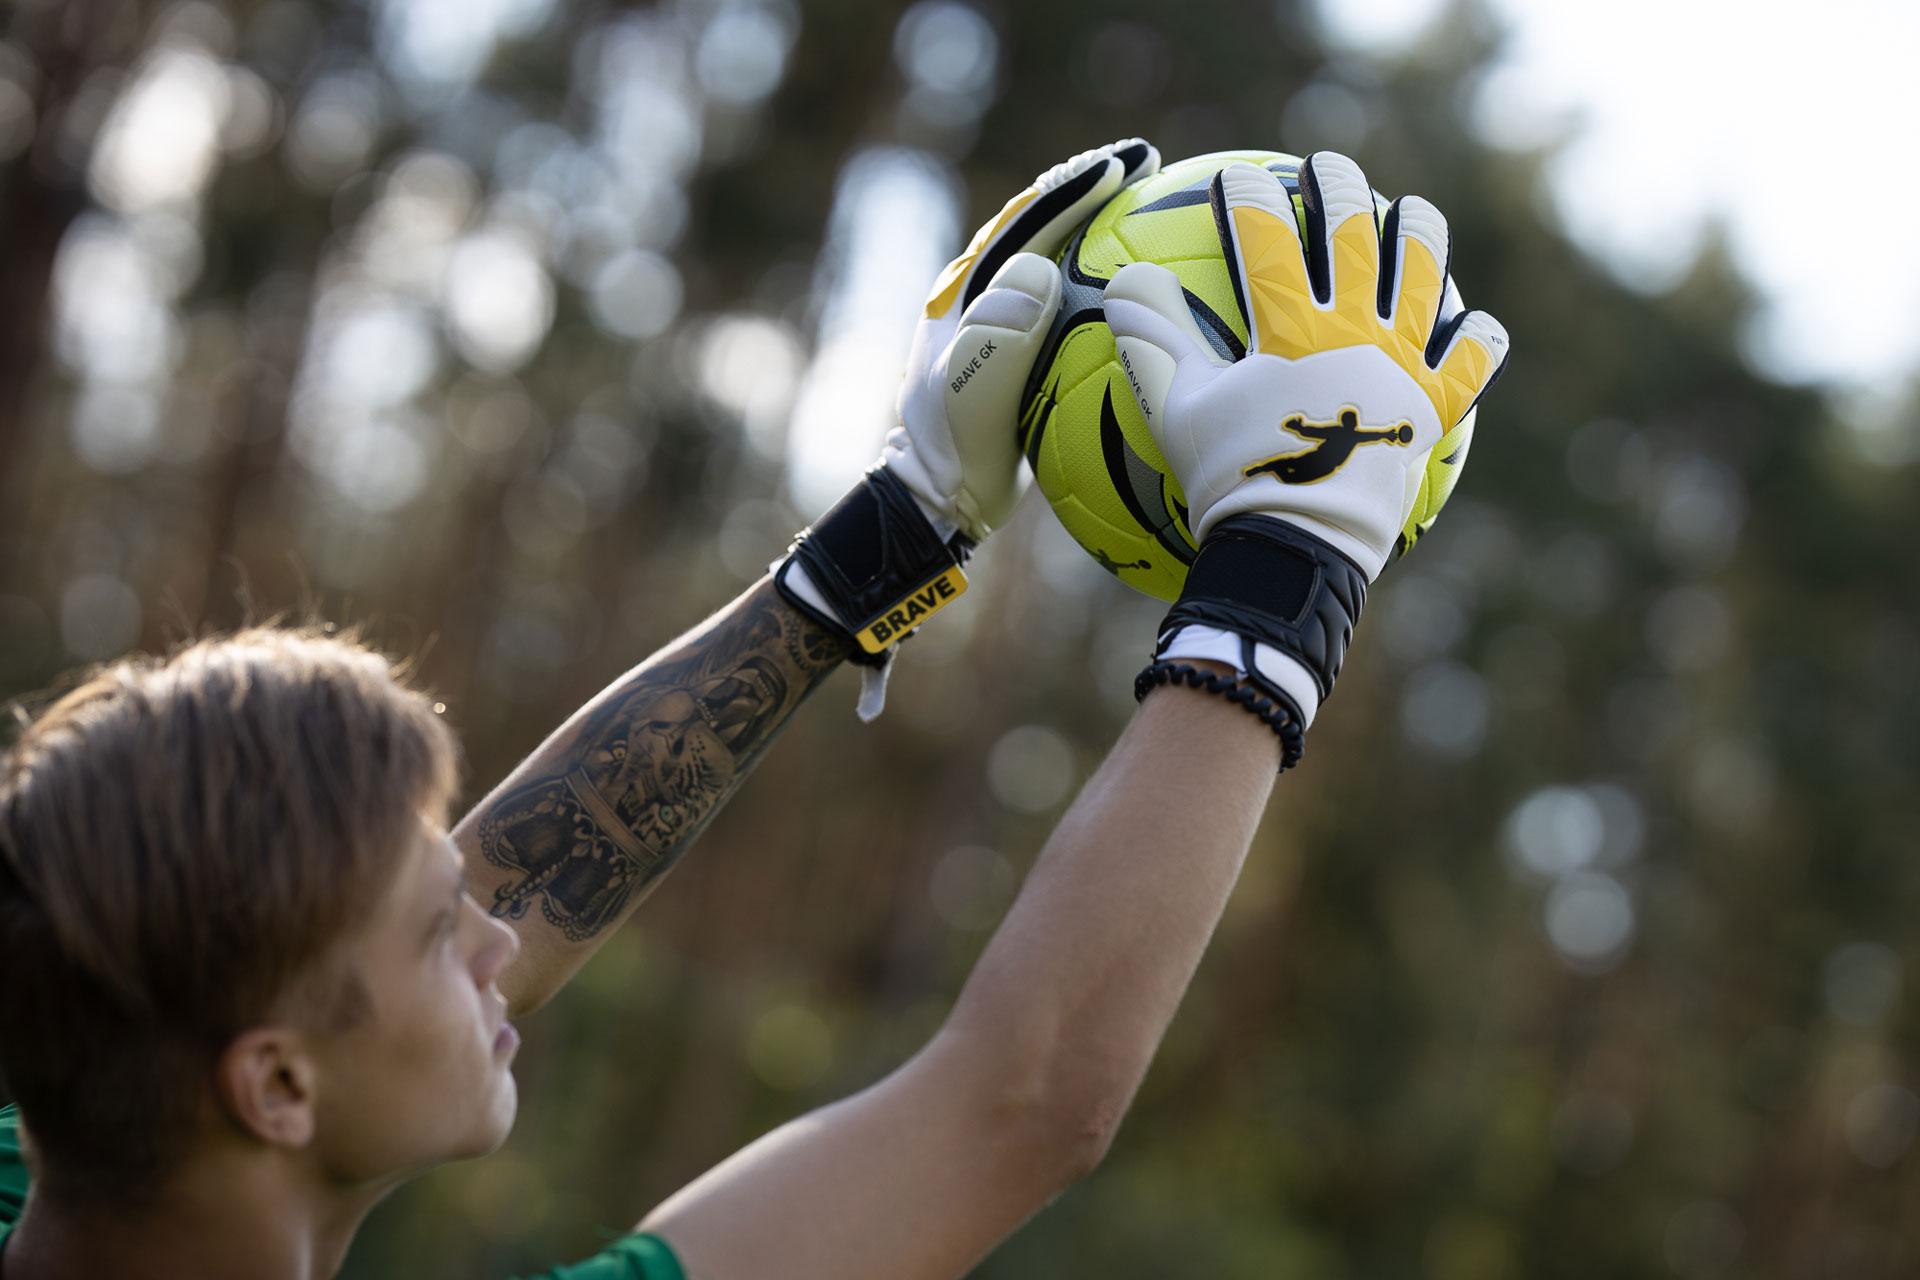 Серія рукавиць для воротарів Fury - офіційний інтернет-магазин Brave GK